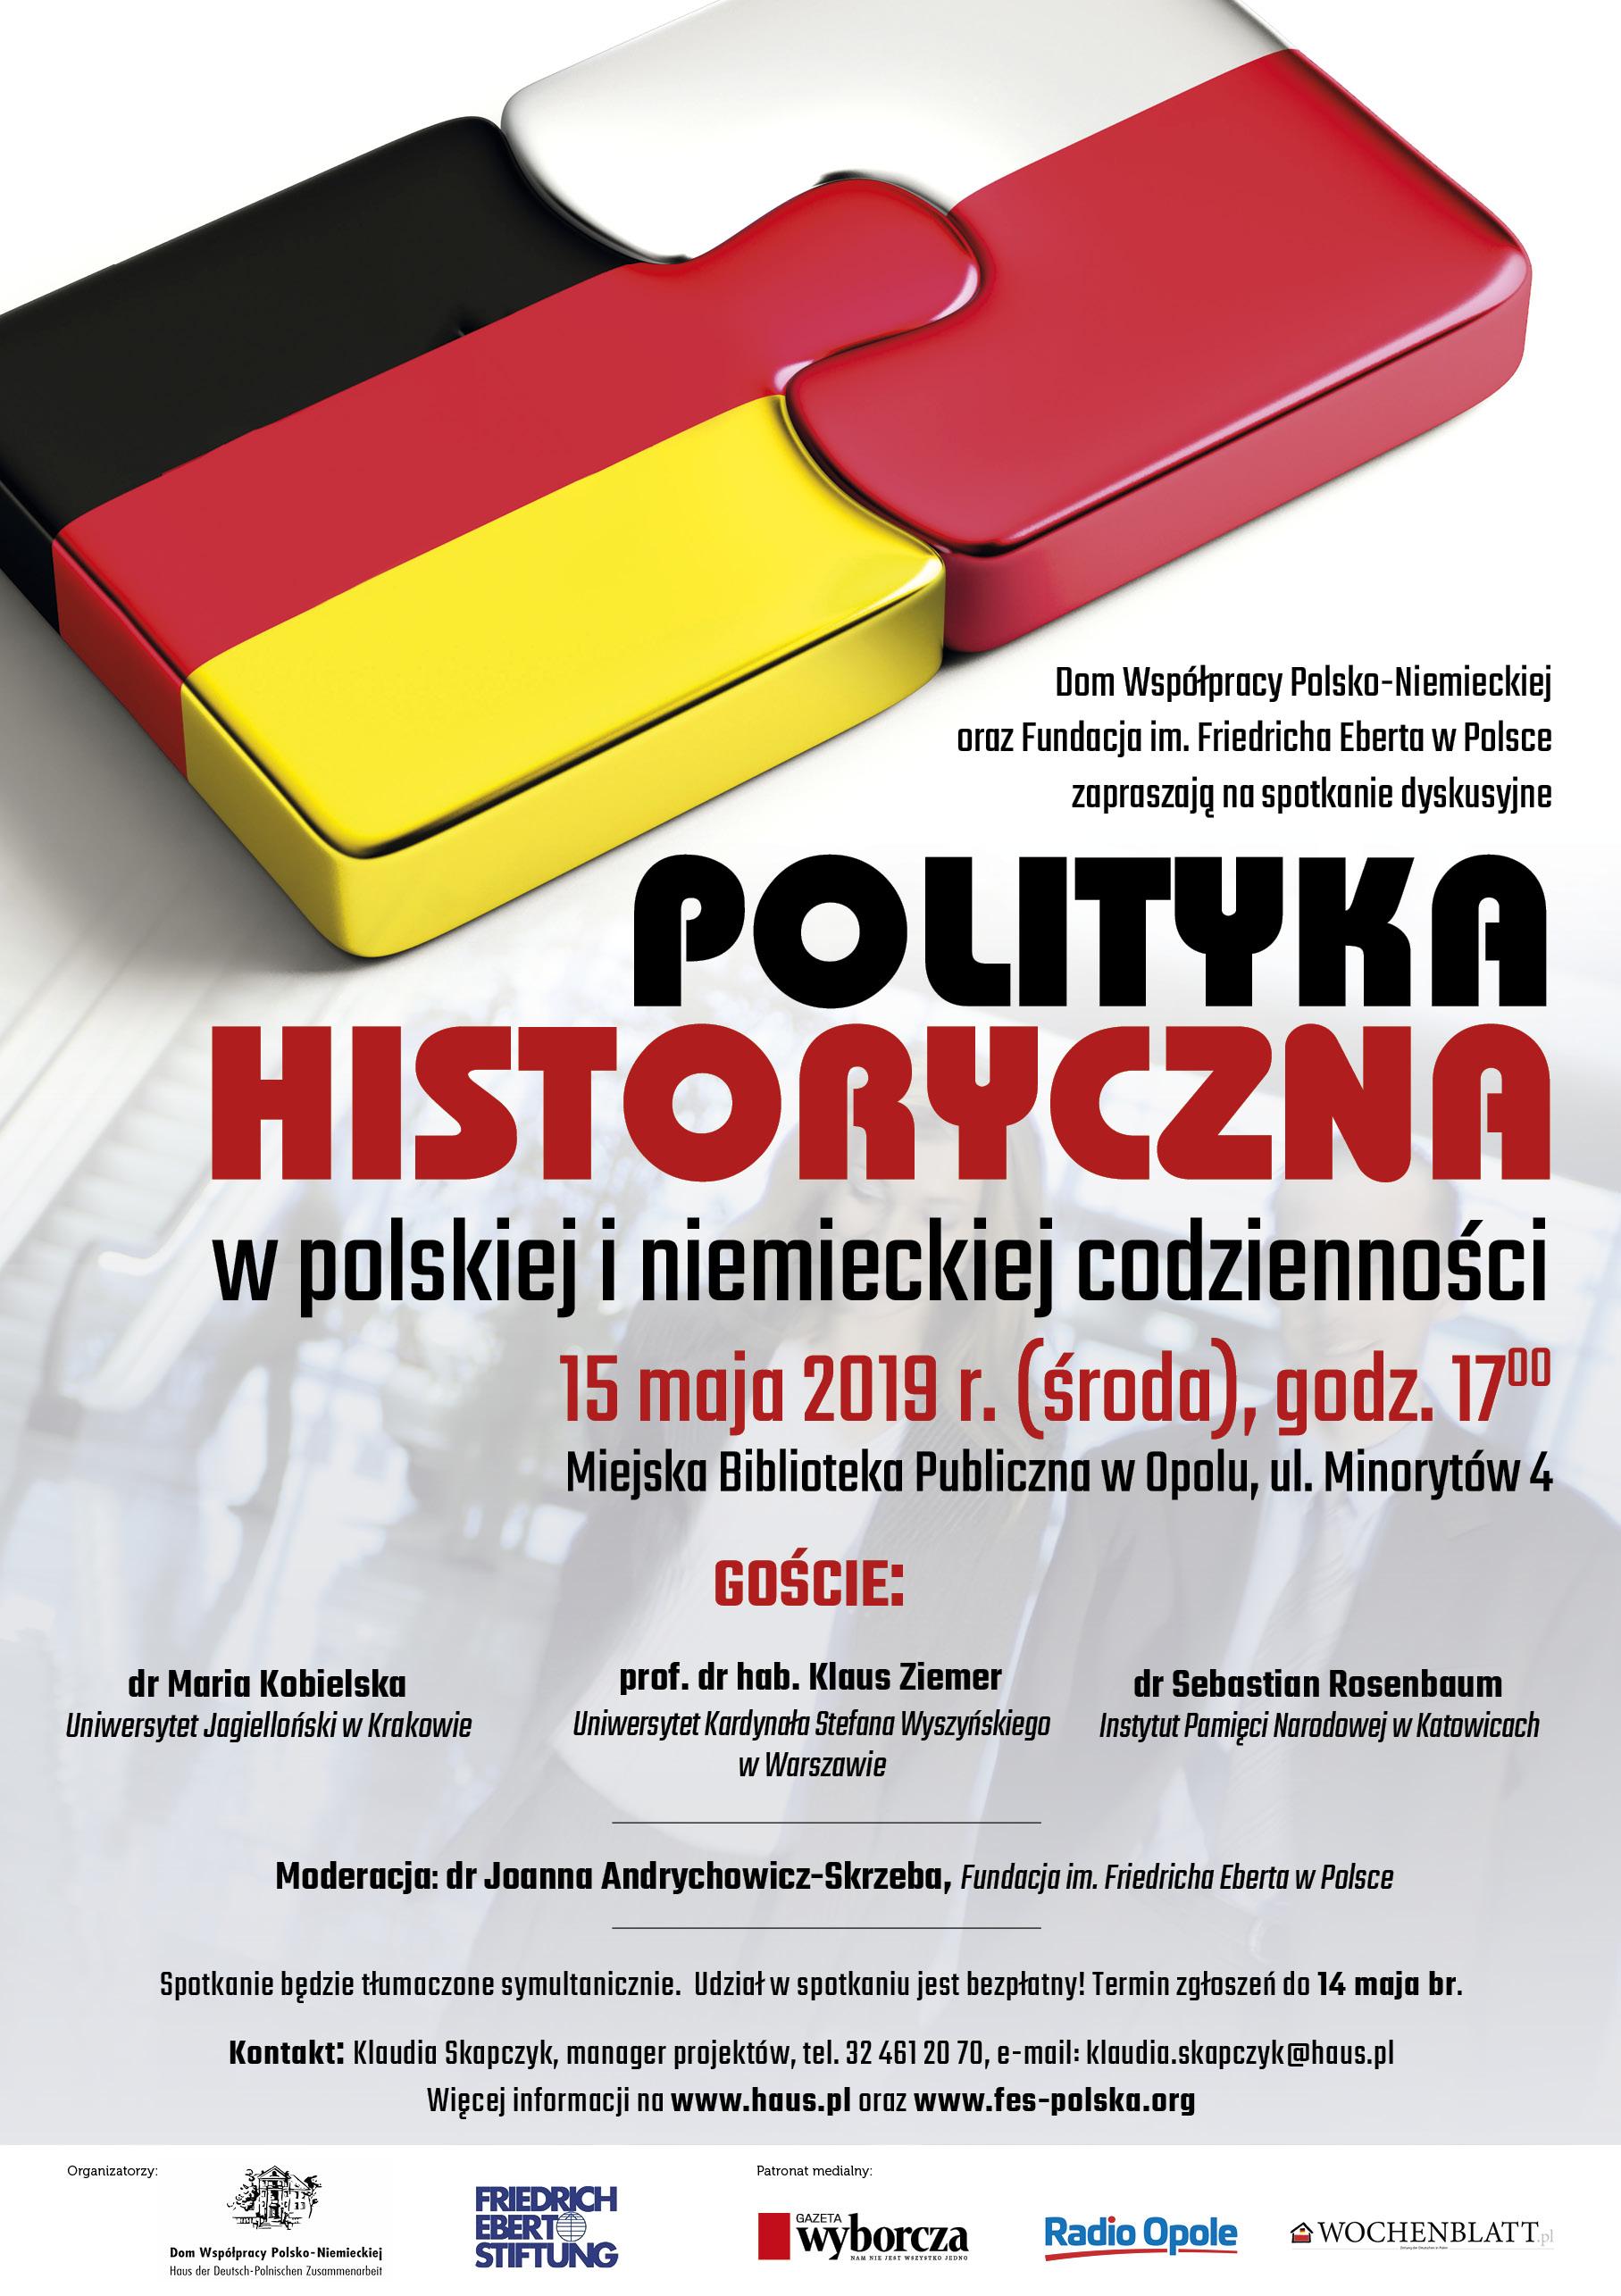 """Spotkanie dyskusyjne """"Polityka historyczna w polskiej i niemieckiej codzienności"""" odbędzie się w środę (15.05) w MBP w Opolu"""